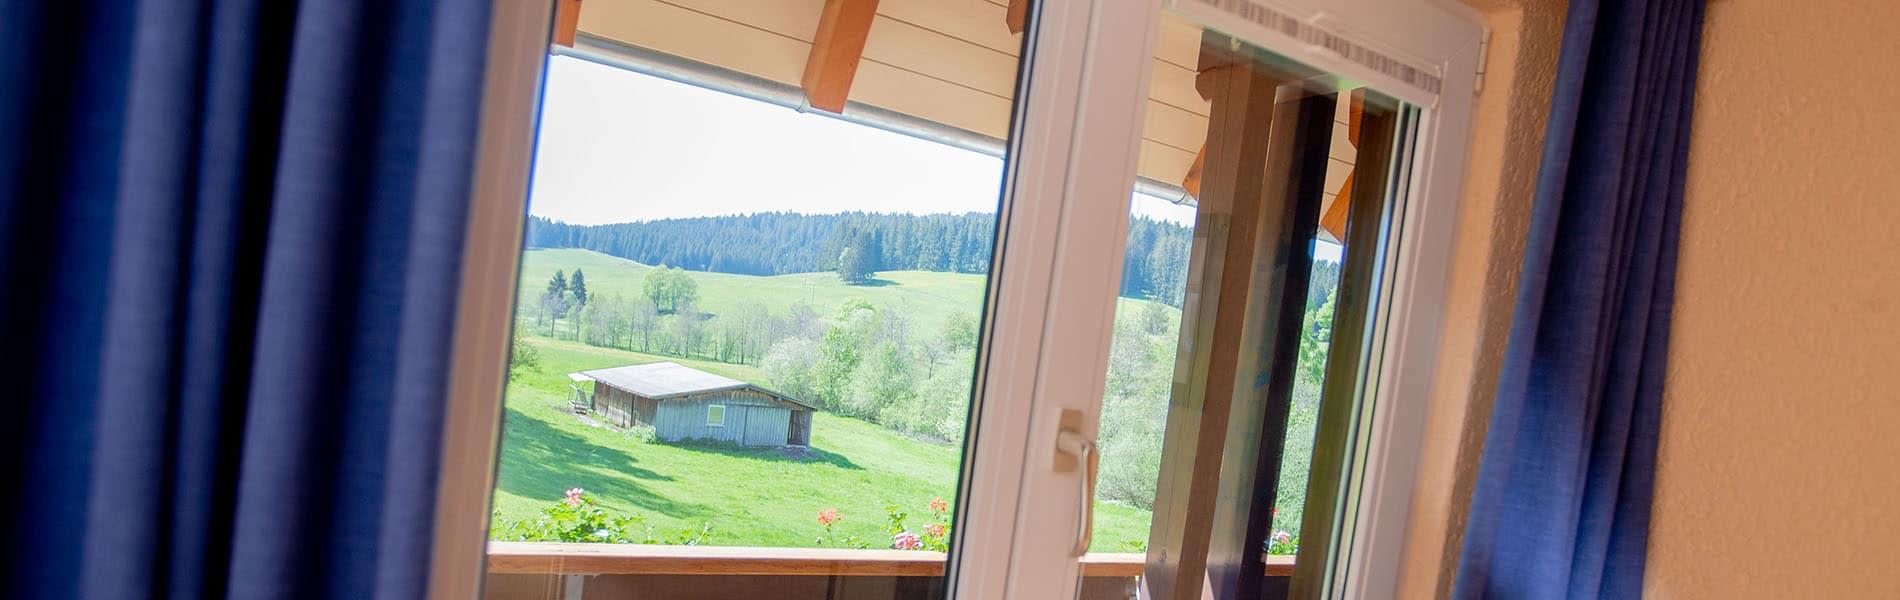 Blick aus dem Fenster_Josenmuehle2020_Slider